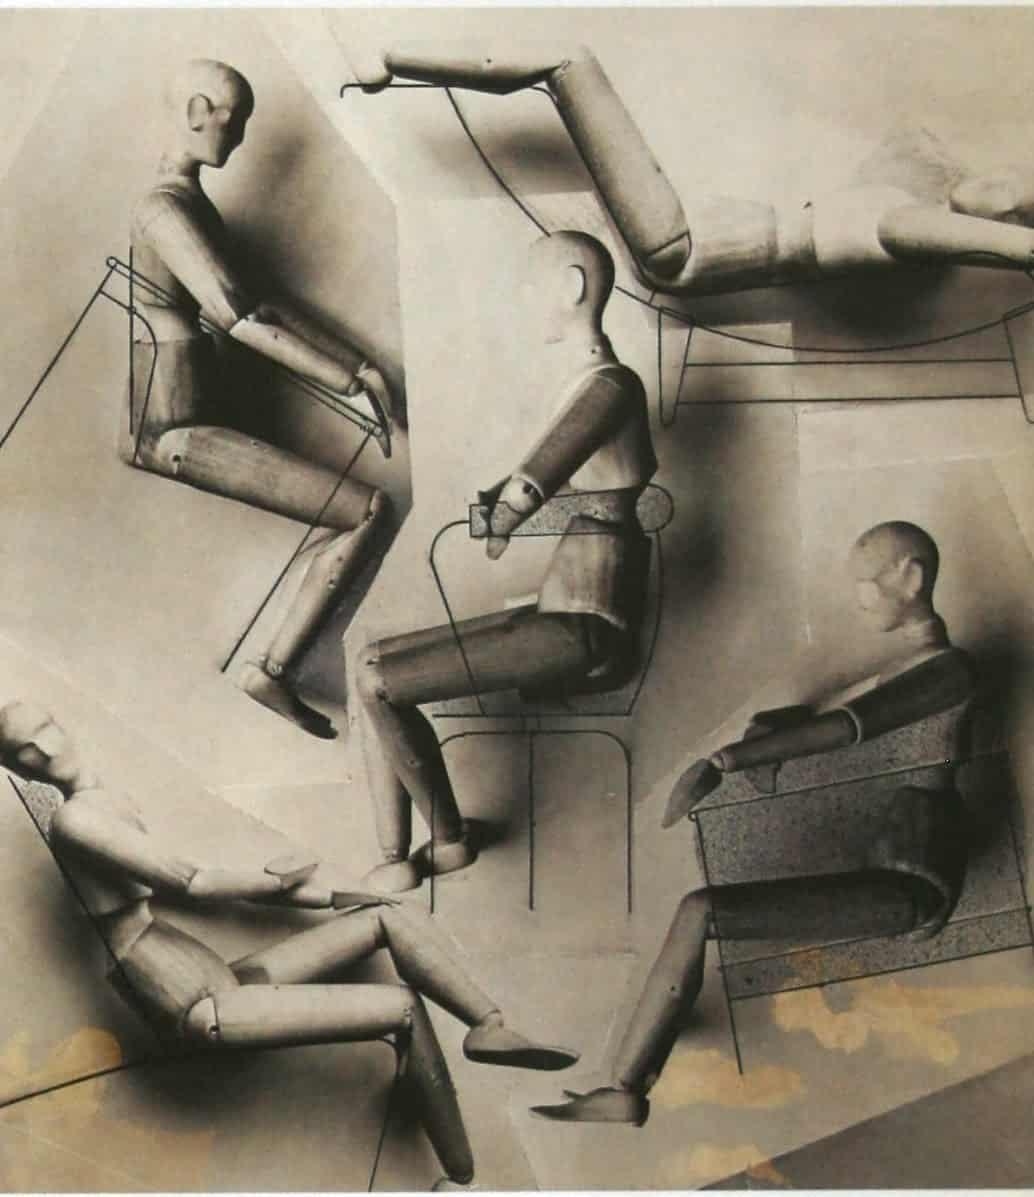 Charlotte Perriand: Etude ergonomique des sièges adaptées aux position du mannequin (1928)